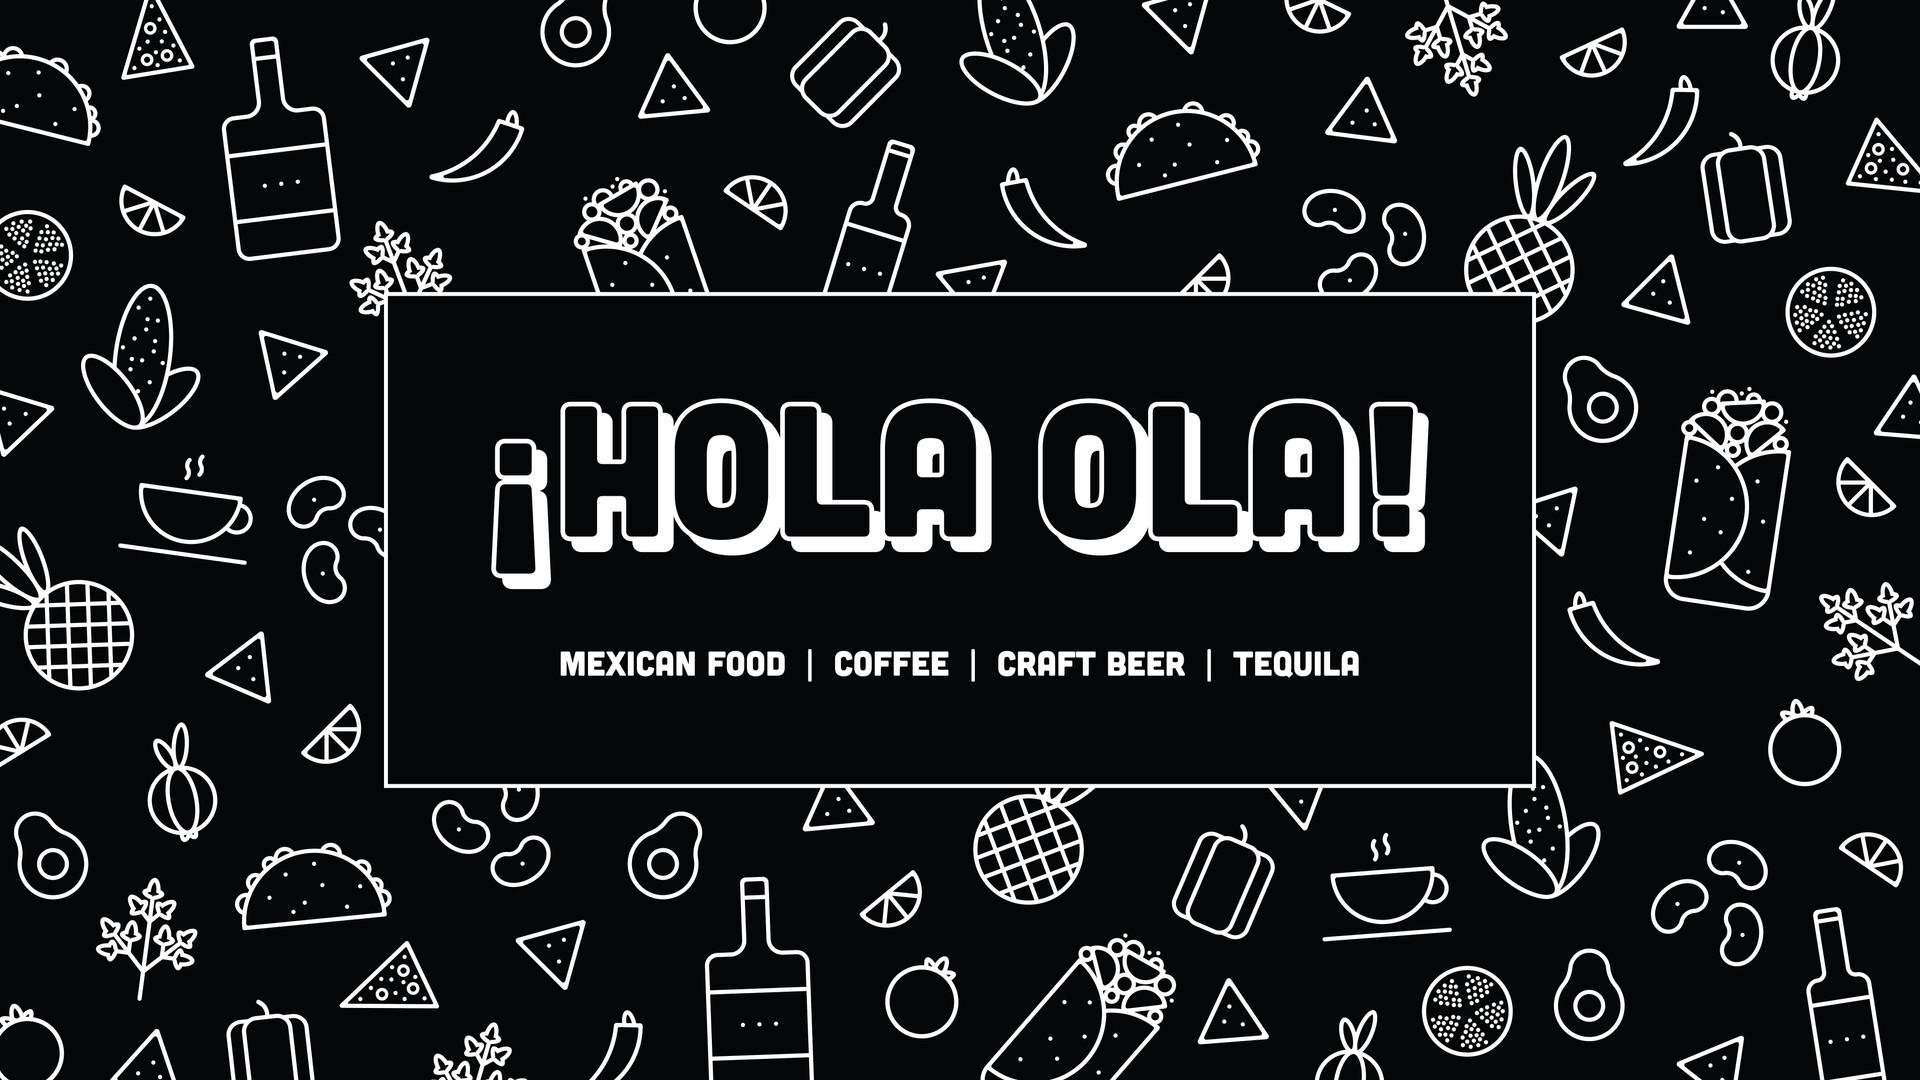 HOLAOLA_facebook_cover_geometric-02-01.j